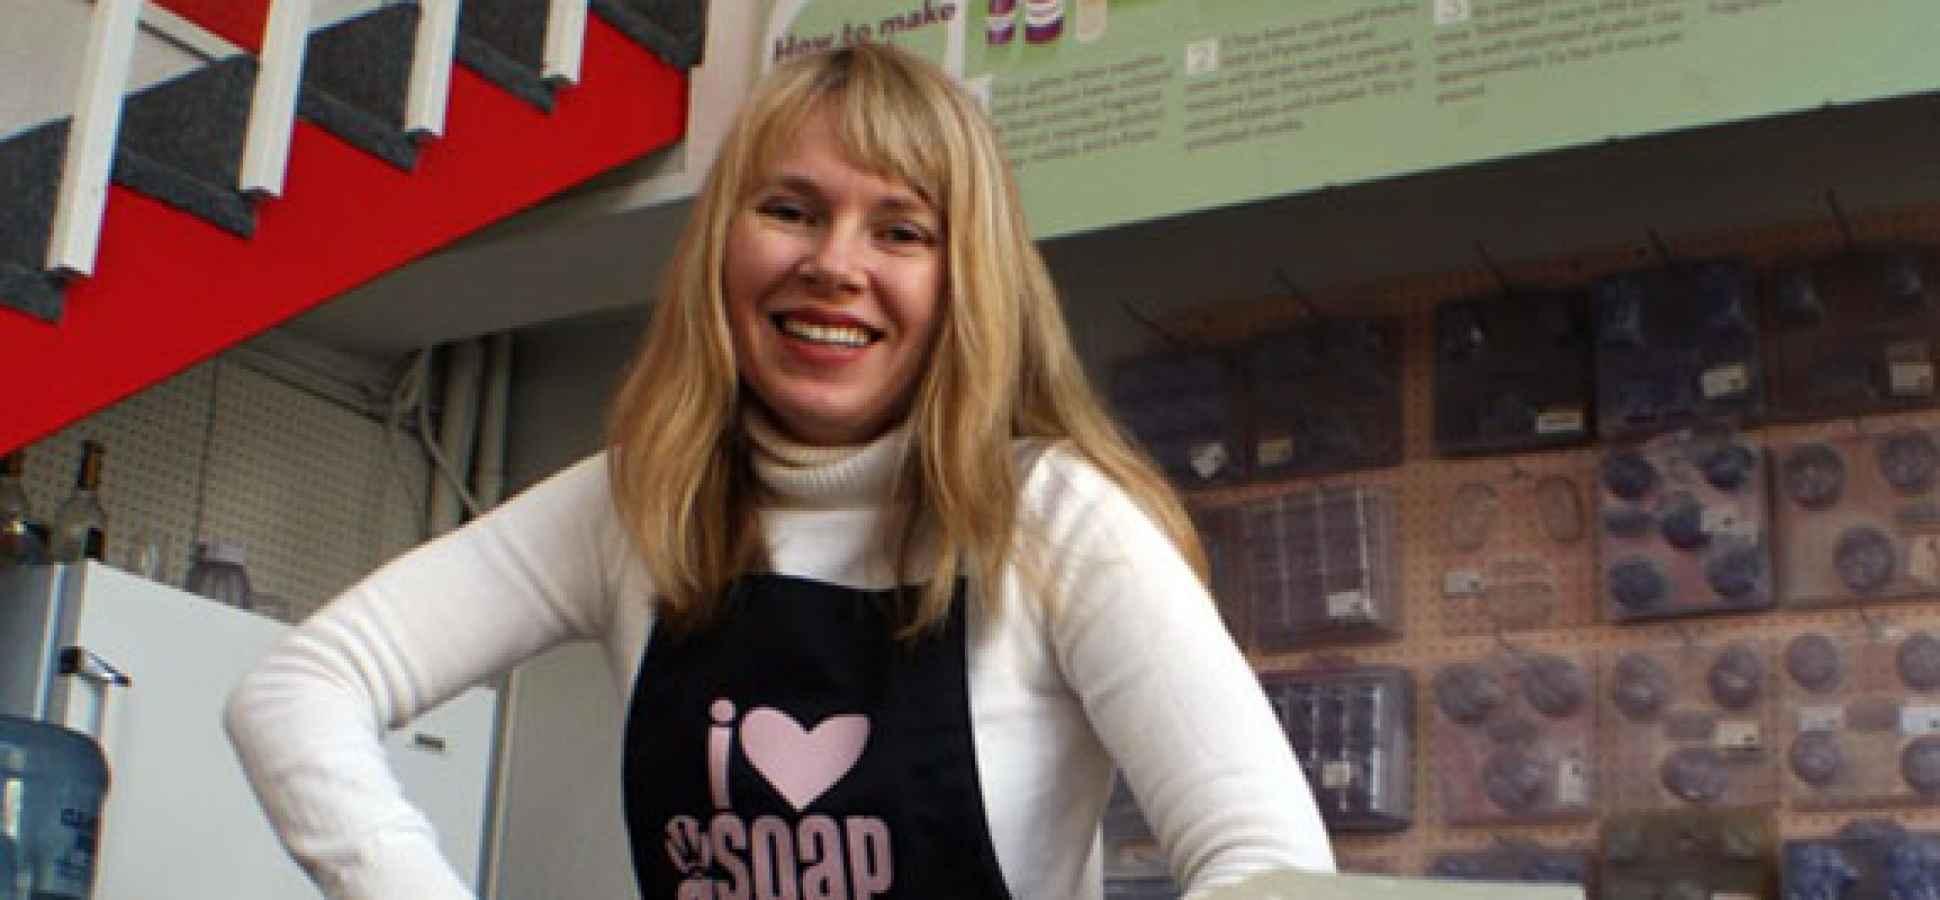 e1a201d1 31 Stories of Small Business Success: Bramble Berry | Inc.com